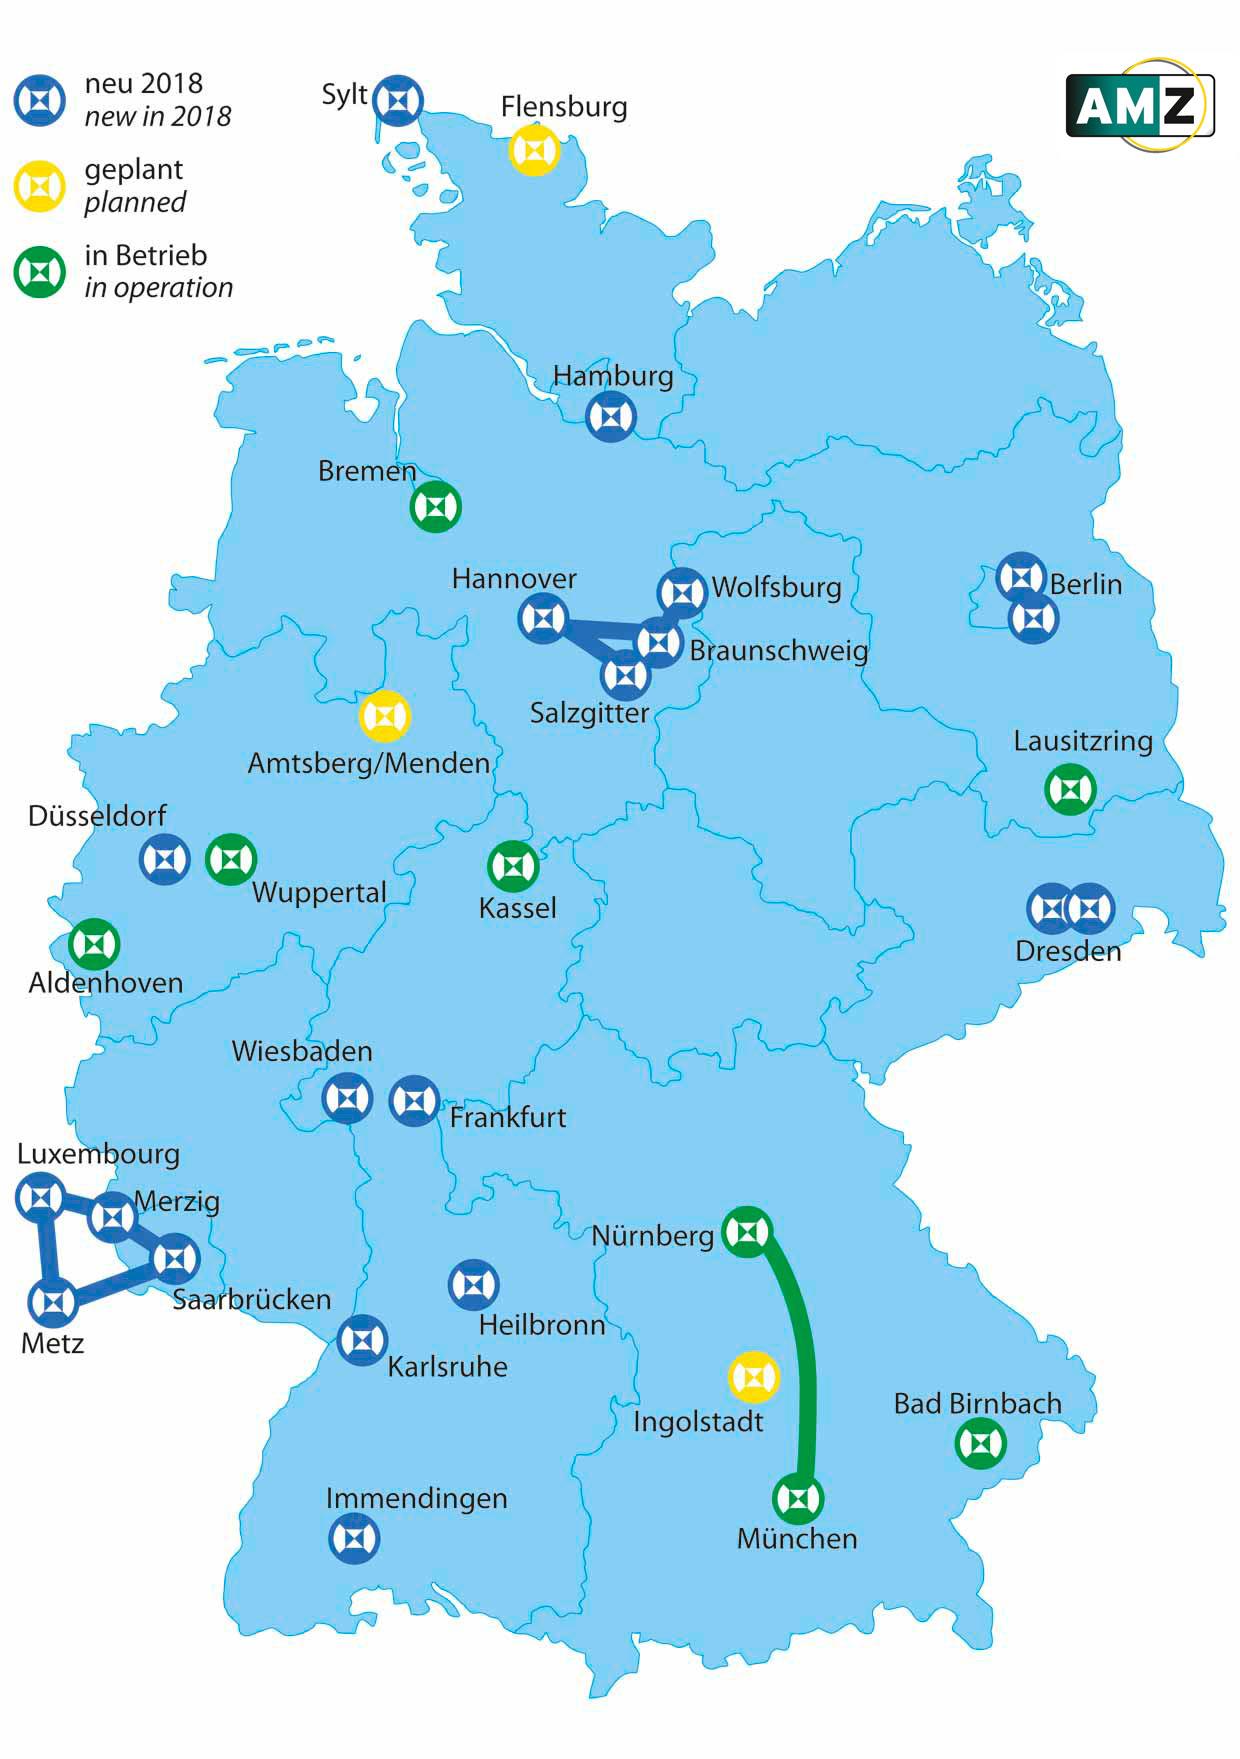 Übersicht über die bereits vorhandene bzw. im Bau oder in Planung befindliche Testfelder für automatisiertes Fahren in Deutschland. AMZ erfasst in einer Kurzstudie die abbildbaren Szenarien und Testfunktionen